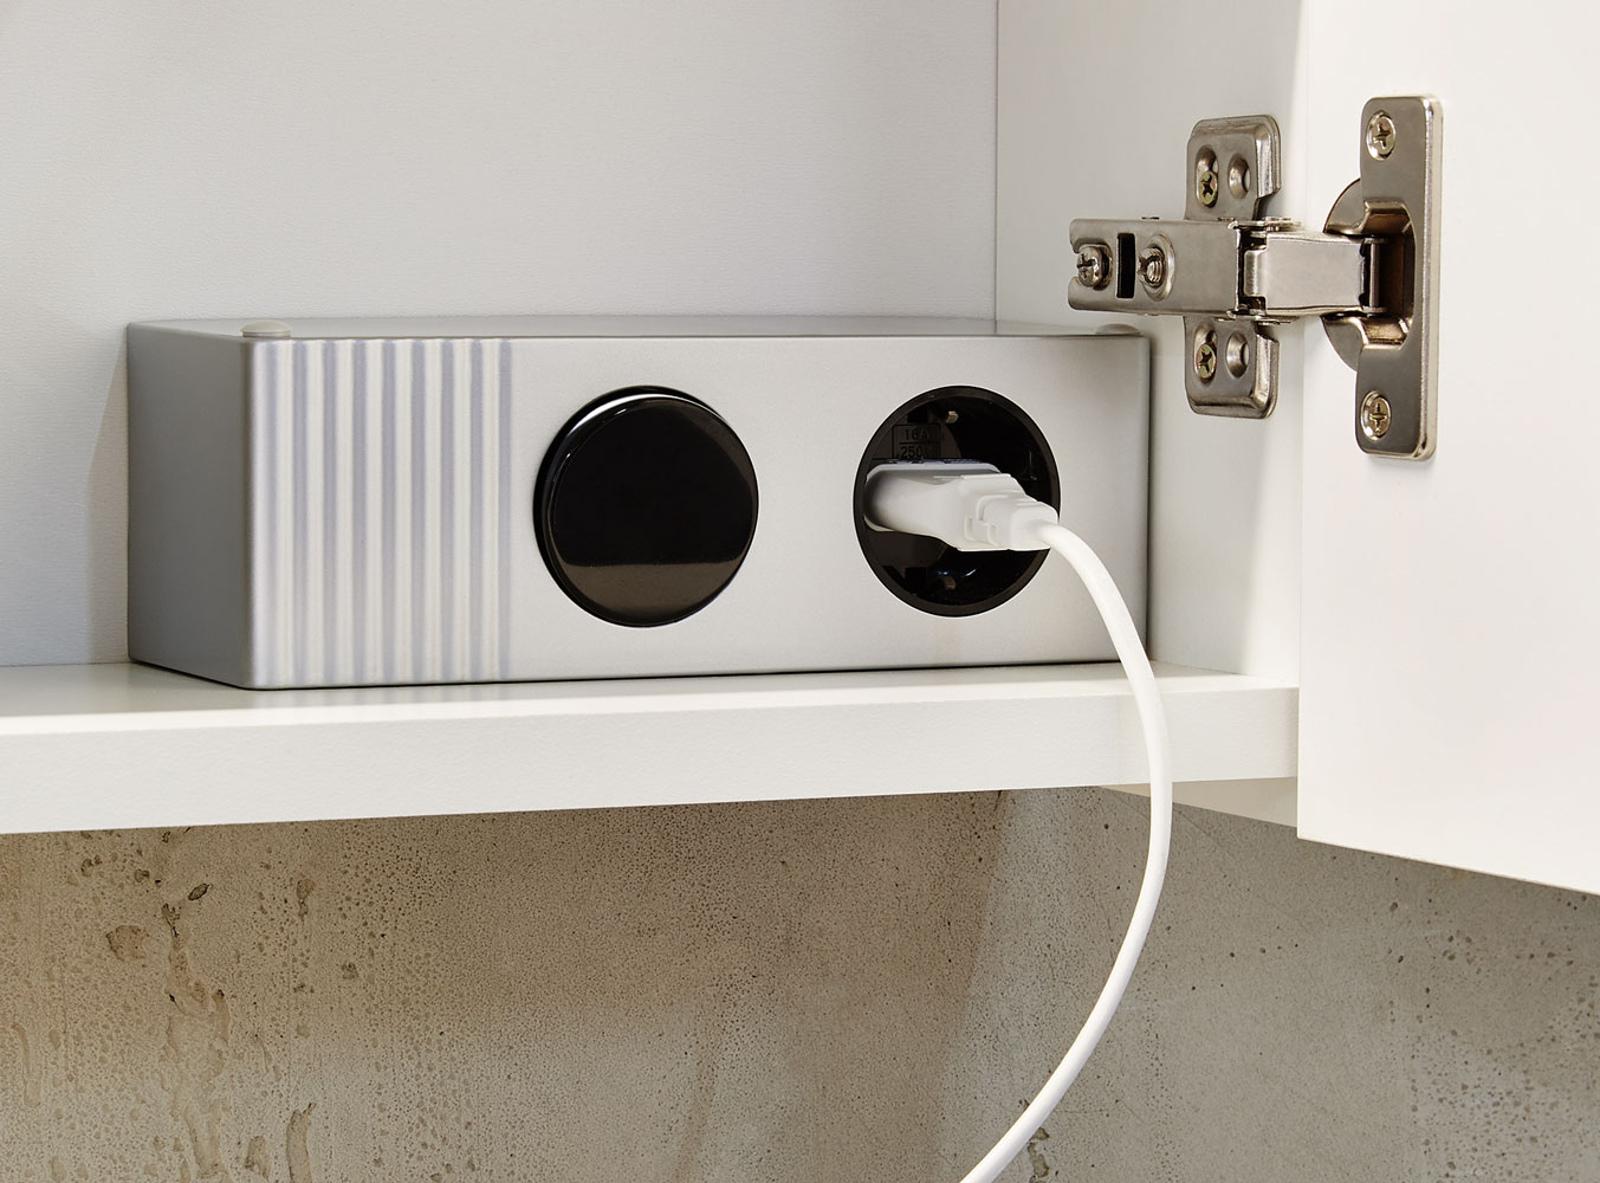 hochglanz lowboard tv unterteil wei lackiert mit pinie melamin. Black Bedroom Furniture Sets. Home Design Ideas